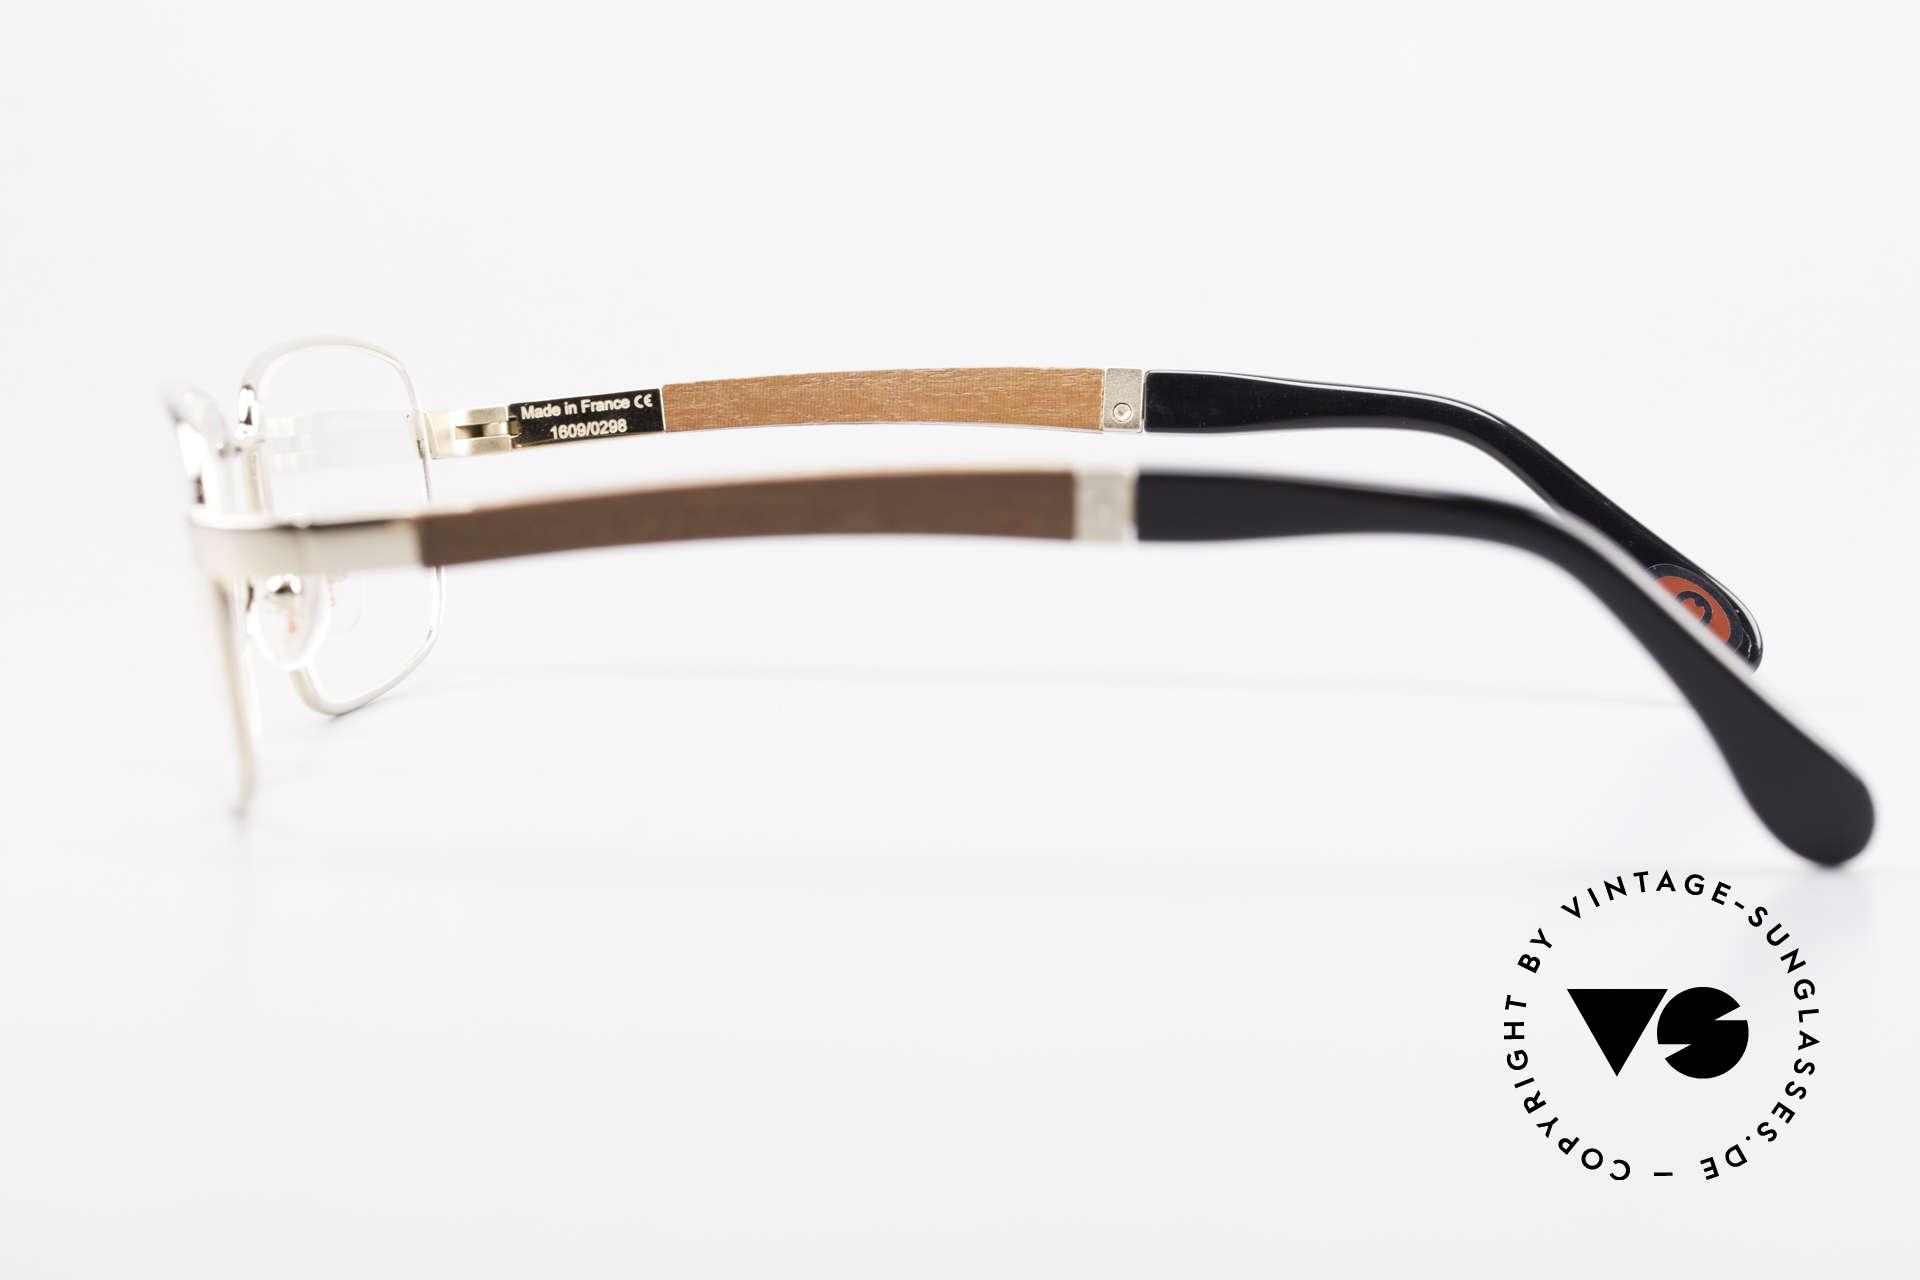 Bugatti 548 Padouk Edelholz Brille Gold M, absolutes Spitzen-Produkt in Design & Verarbeitung, Passend für Herren